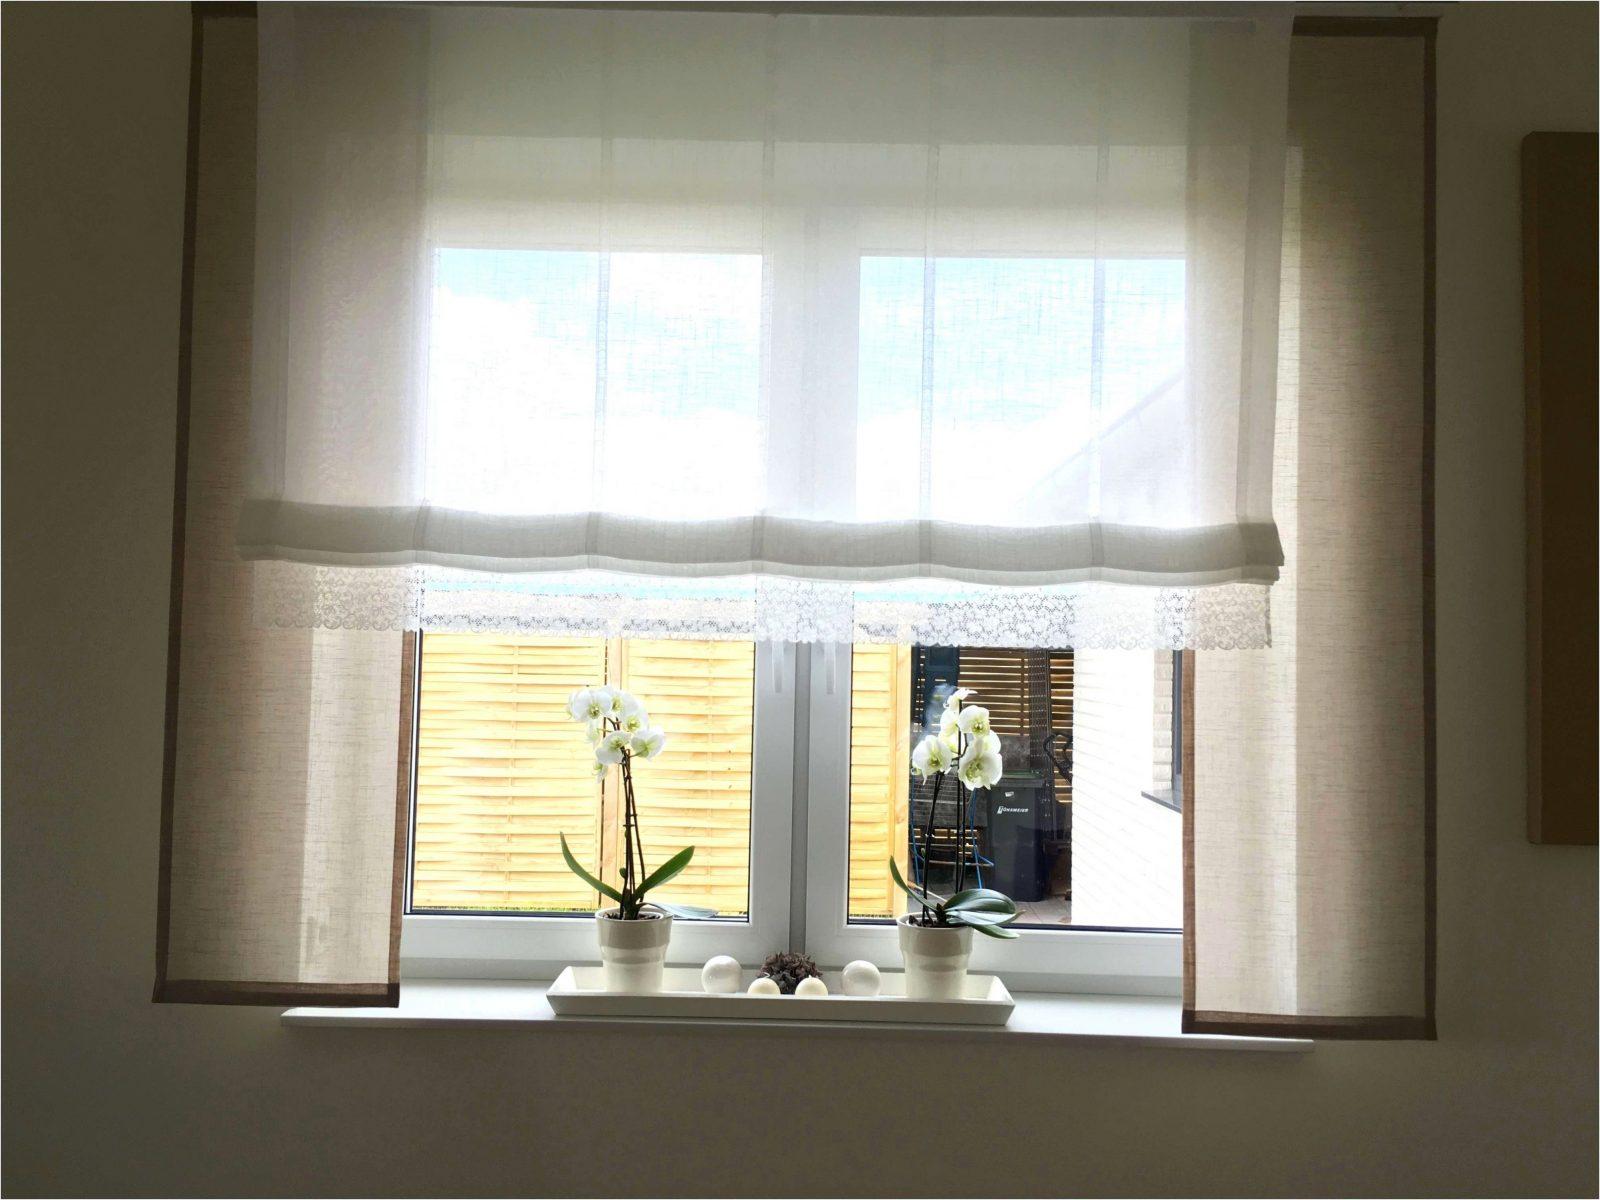 57 Frisch Bild Von Gardinen Für Dachfenster Ideen Für Ideen Gardinen von Gardinen Für Dachfenster Ideen Bild